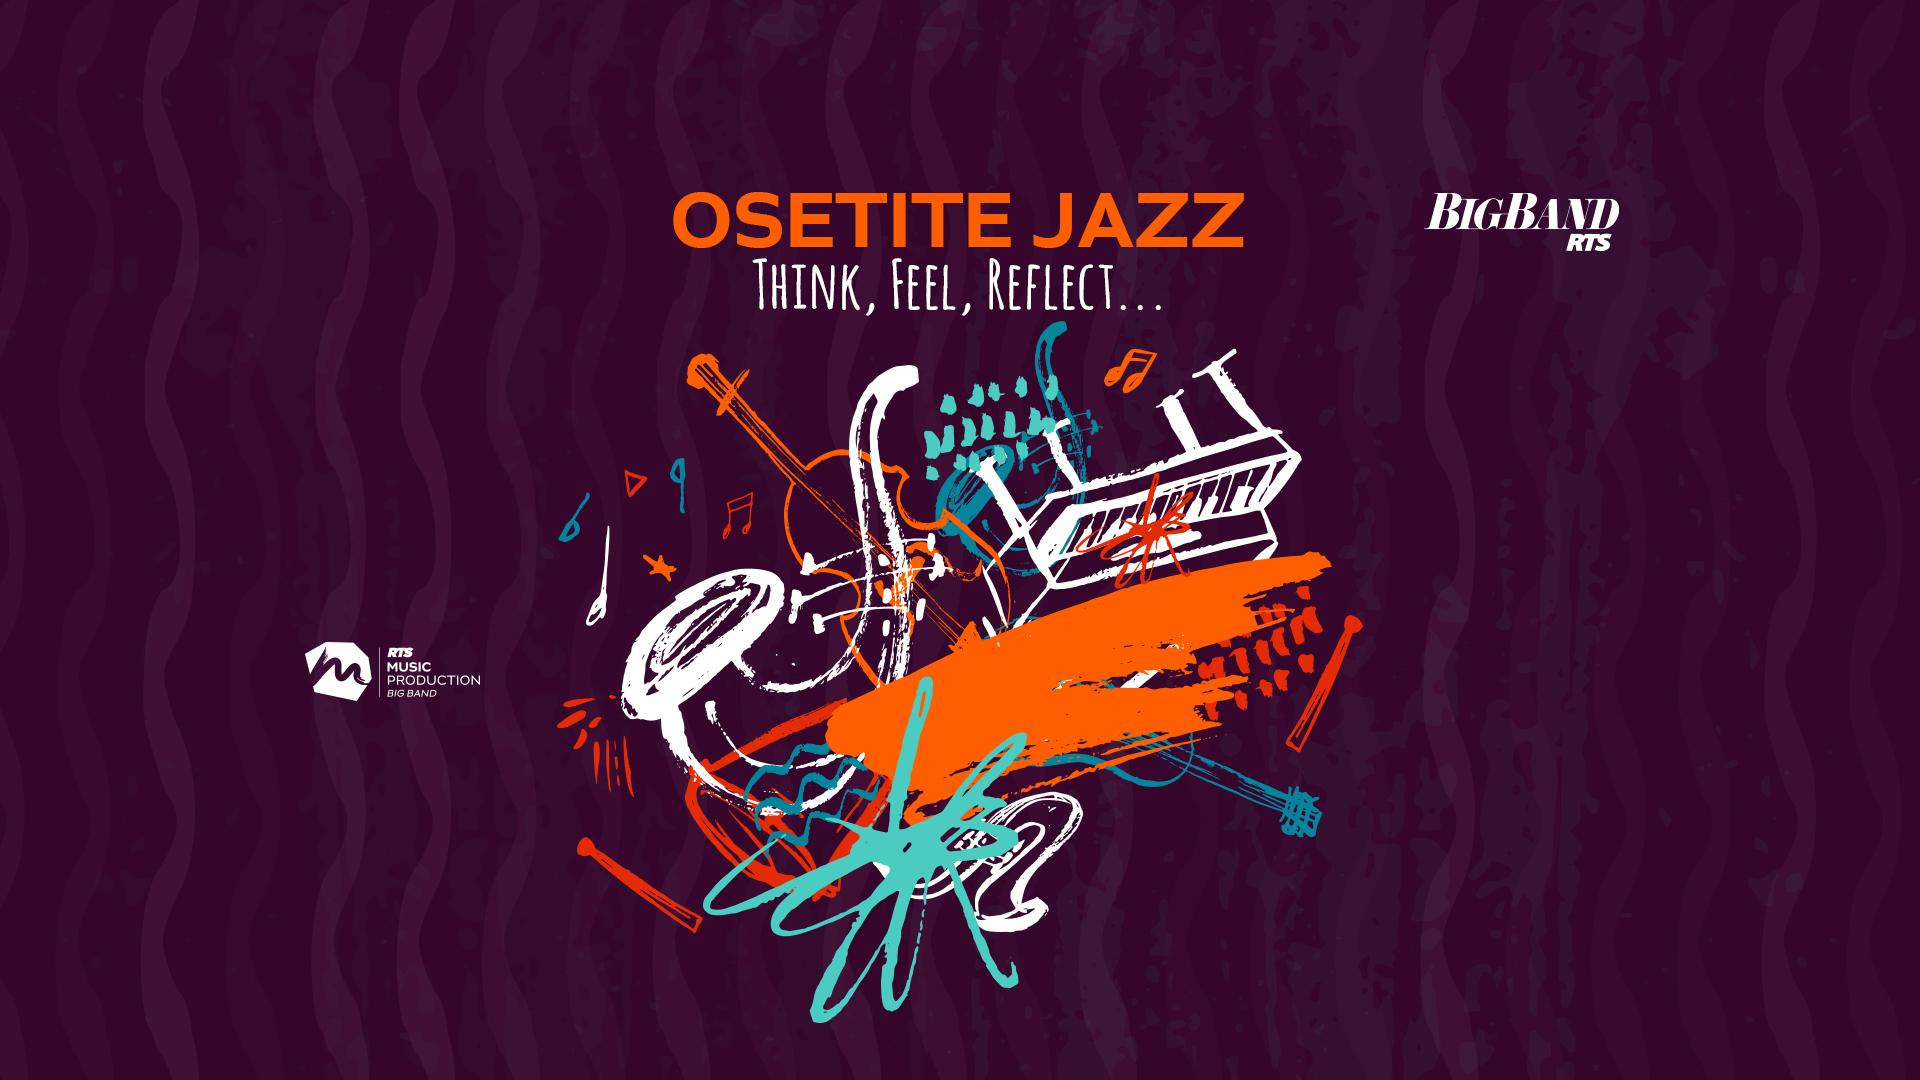 Osetite Jazz – Think, Feel, Reflect!